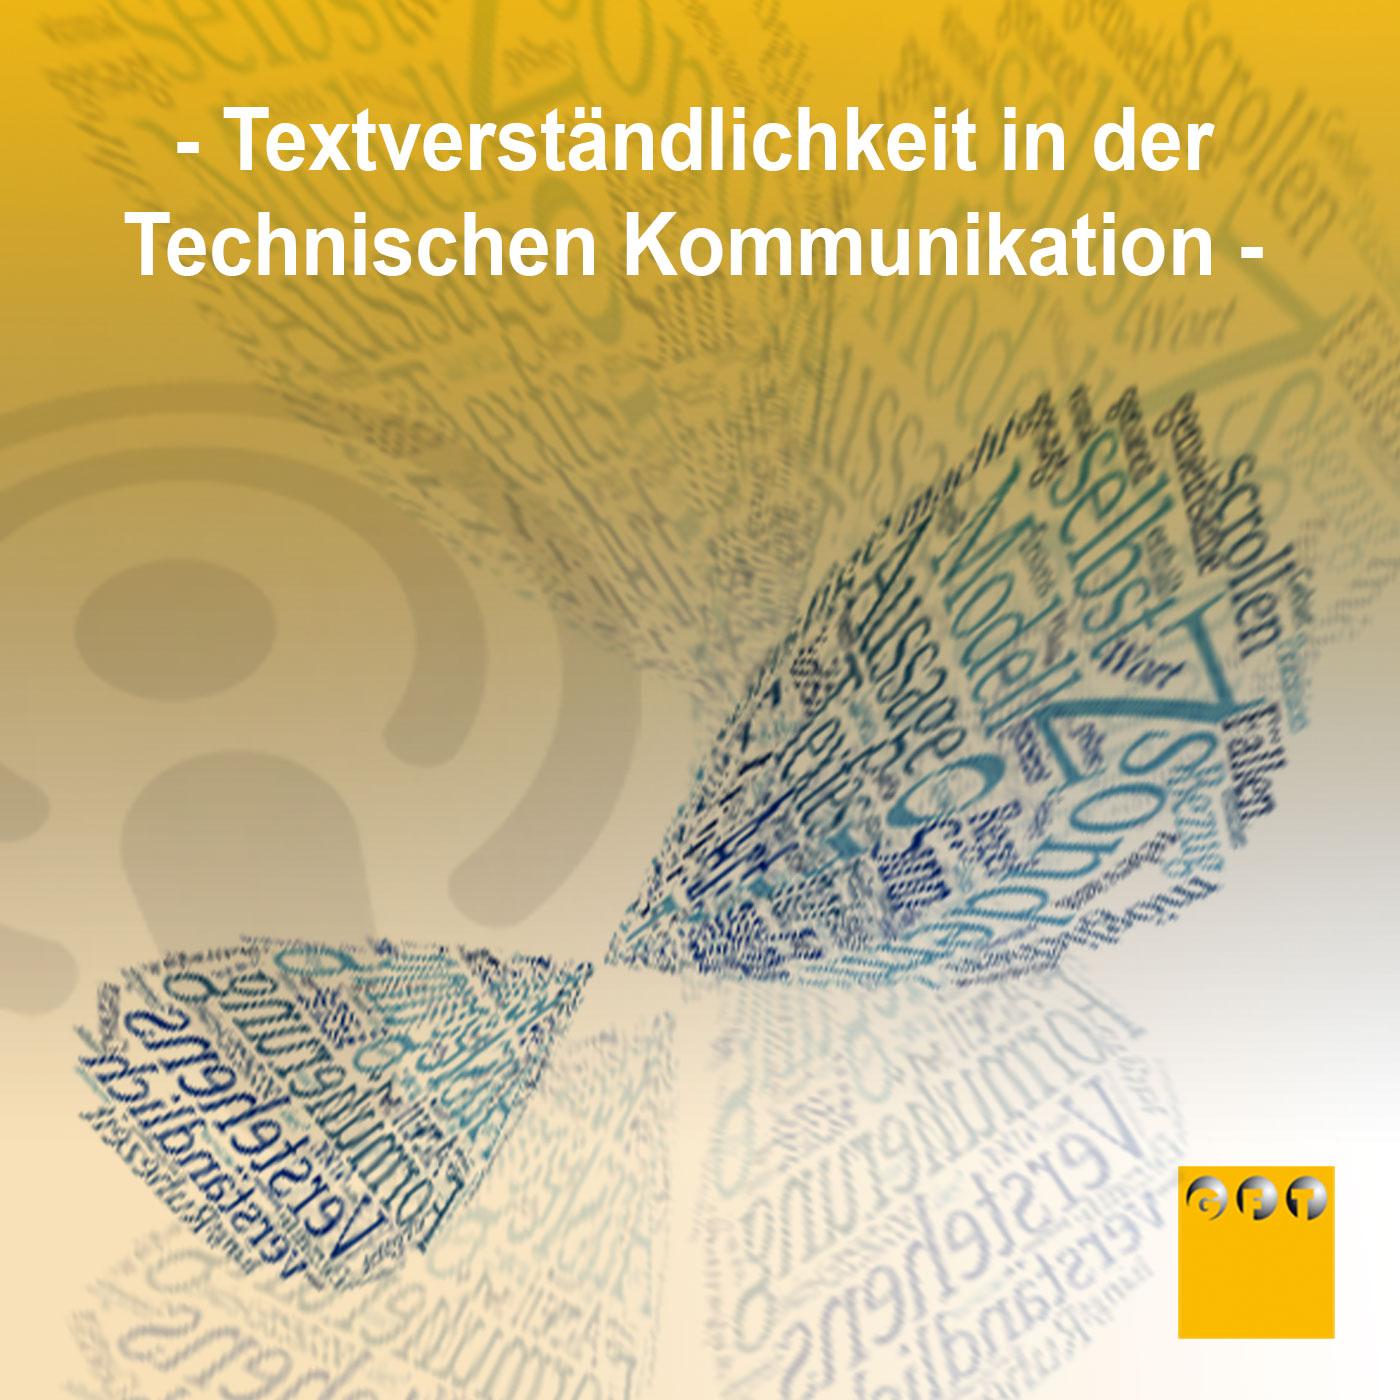 Textverständlichkeit Technischen Kommunikation